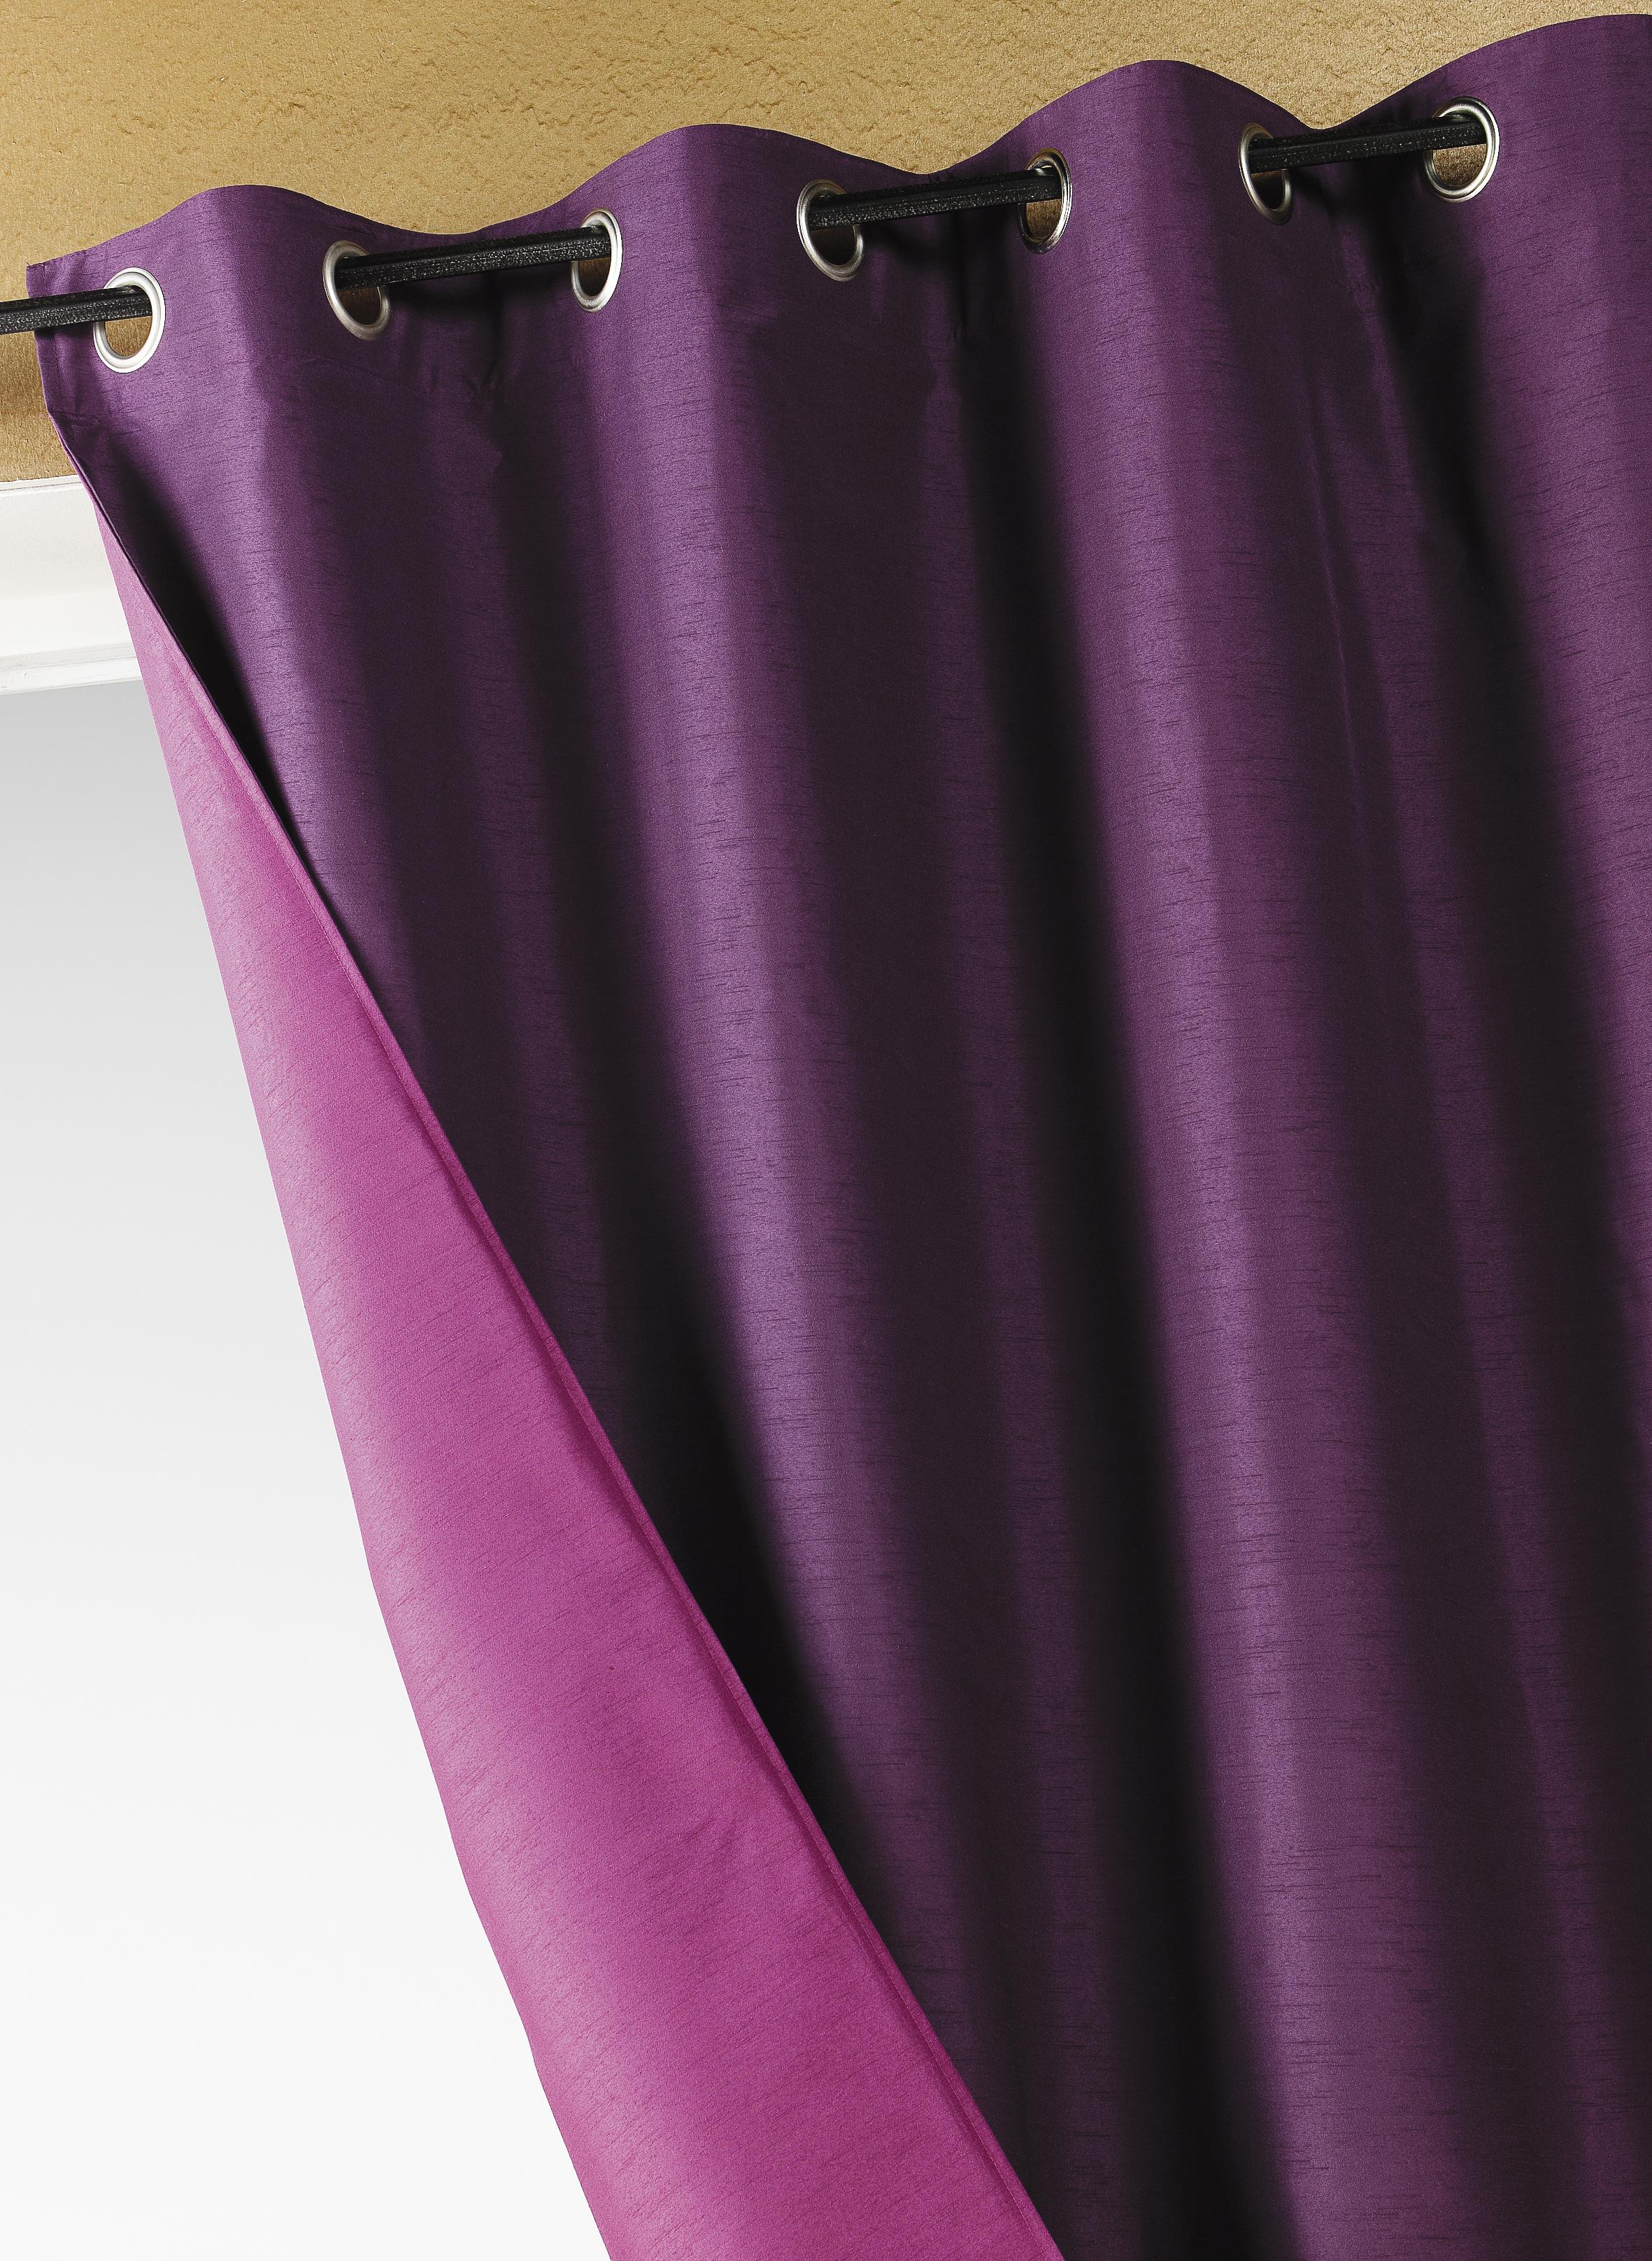 rideau double face shantung uni prune homemaison vente en ligne rideaux. Black Bedroom Furniture Sets. Home Design Ideas